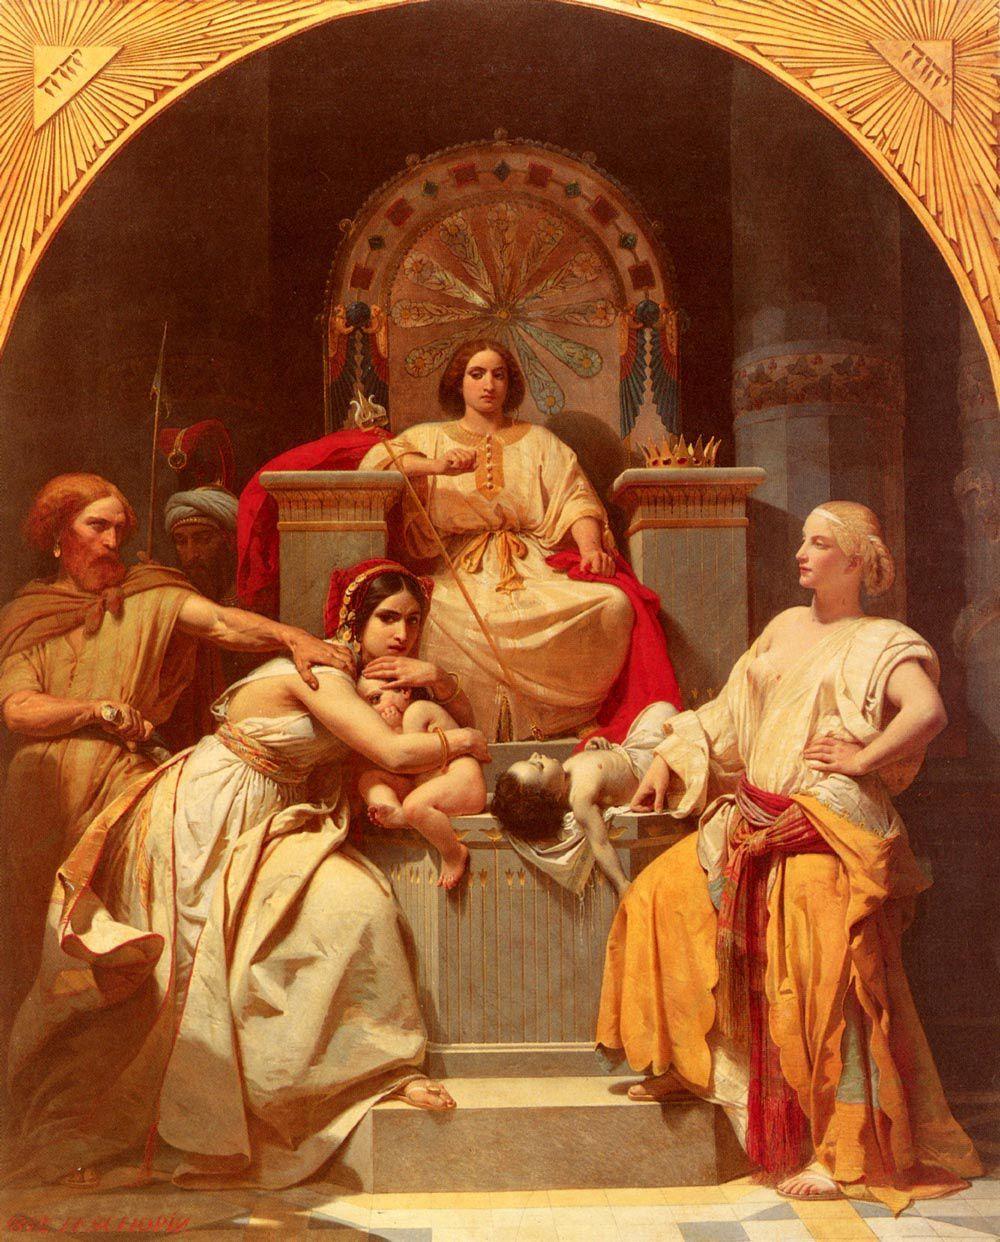 Henri-Frédéric SCHOPIN (1804-1880) : Né en Allemagne, naturalisé français. Il fut l'élève de Gros. Prix de Rome en 1831, il débute au Salon de 1835 et y expose jusqu'en 1879 avec des peintures de genre et des scènes d'histoire.